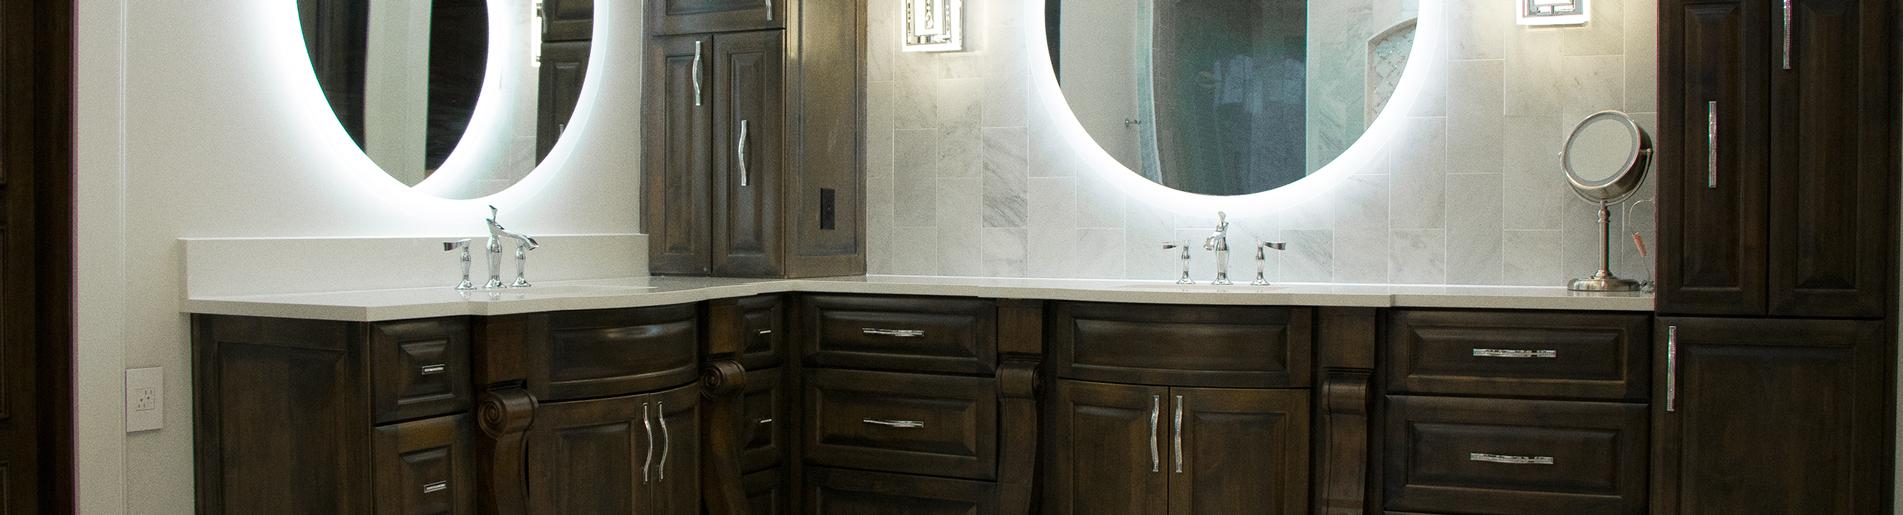 14-sta-granite-white-countertops-cambria-c